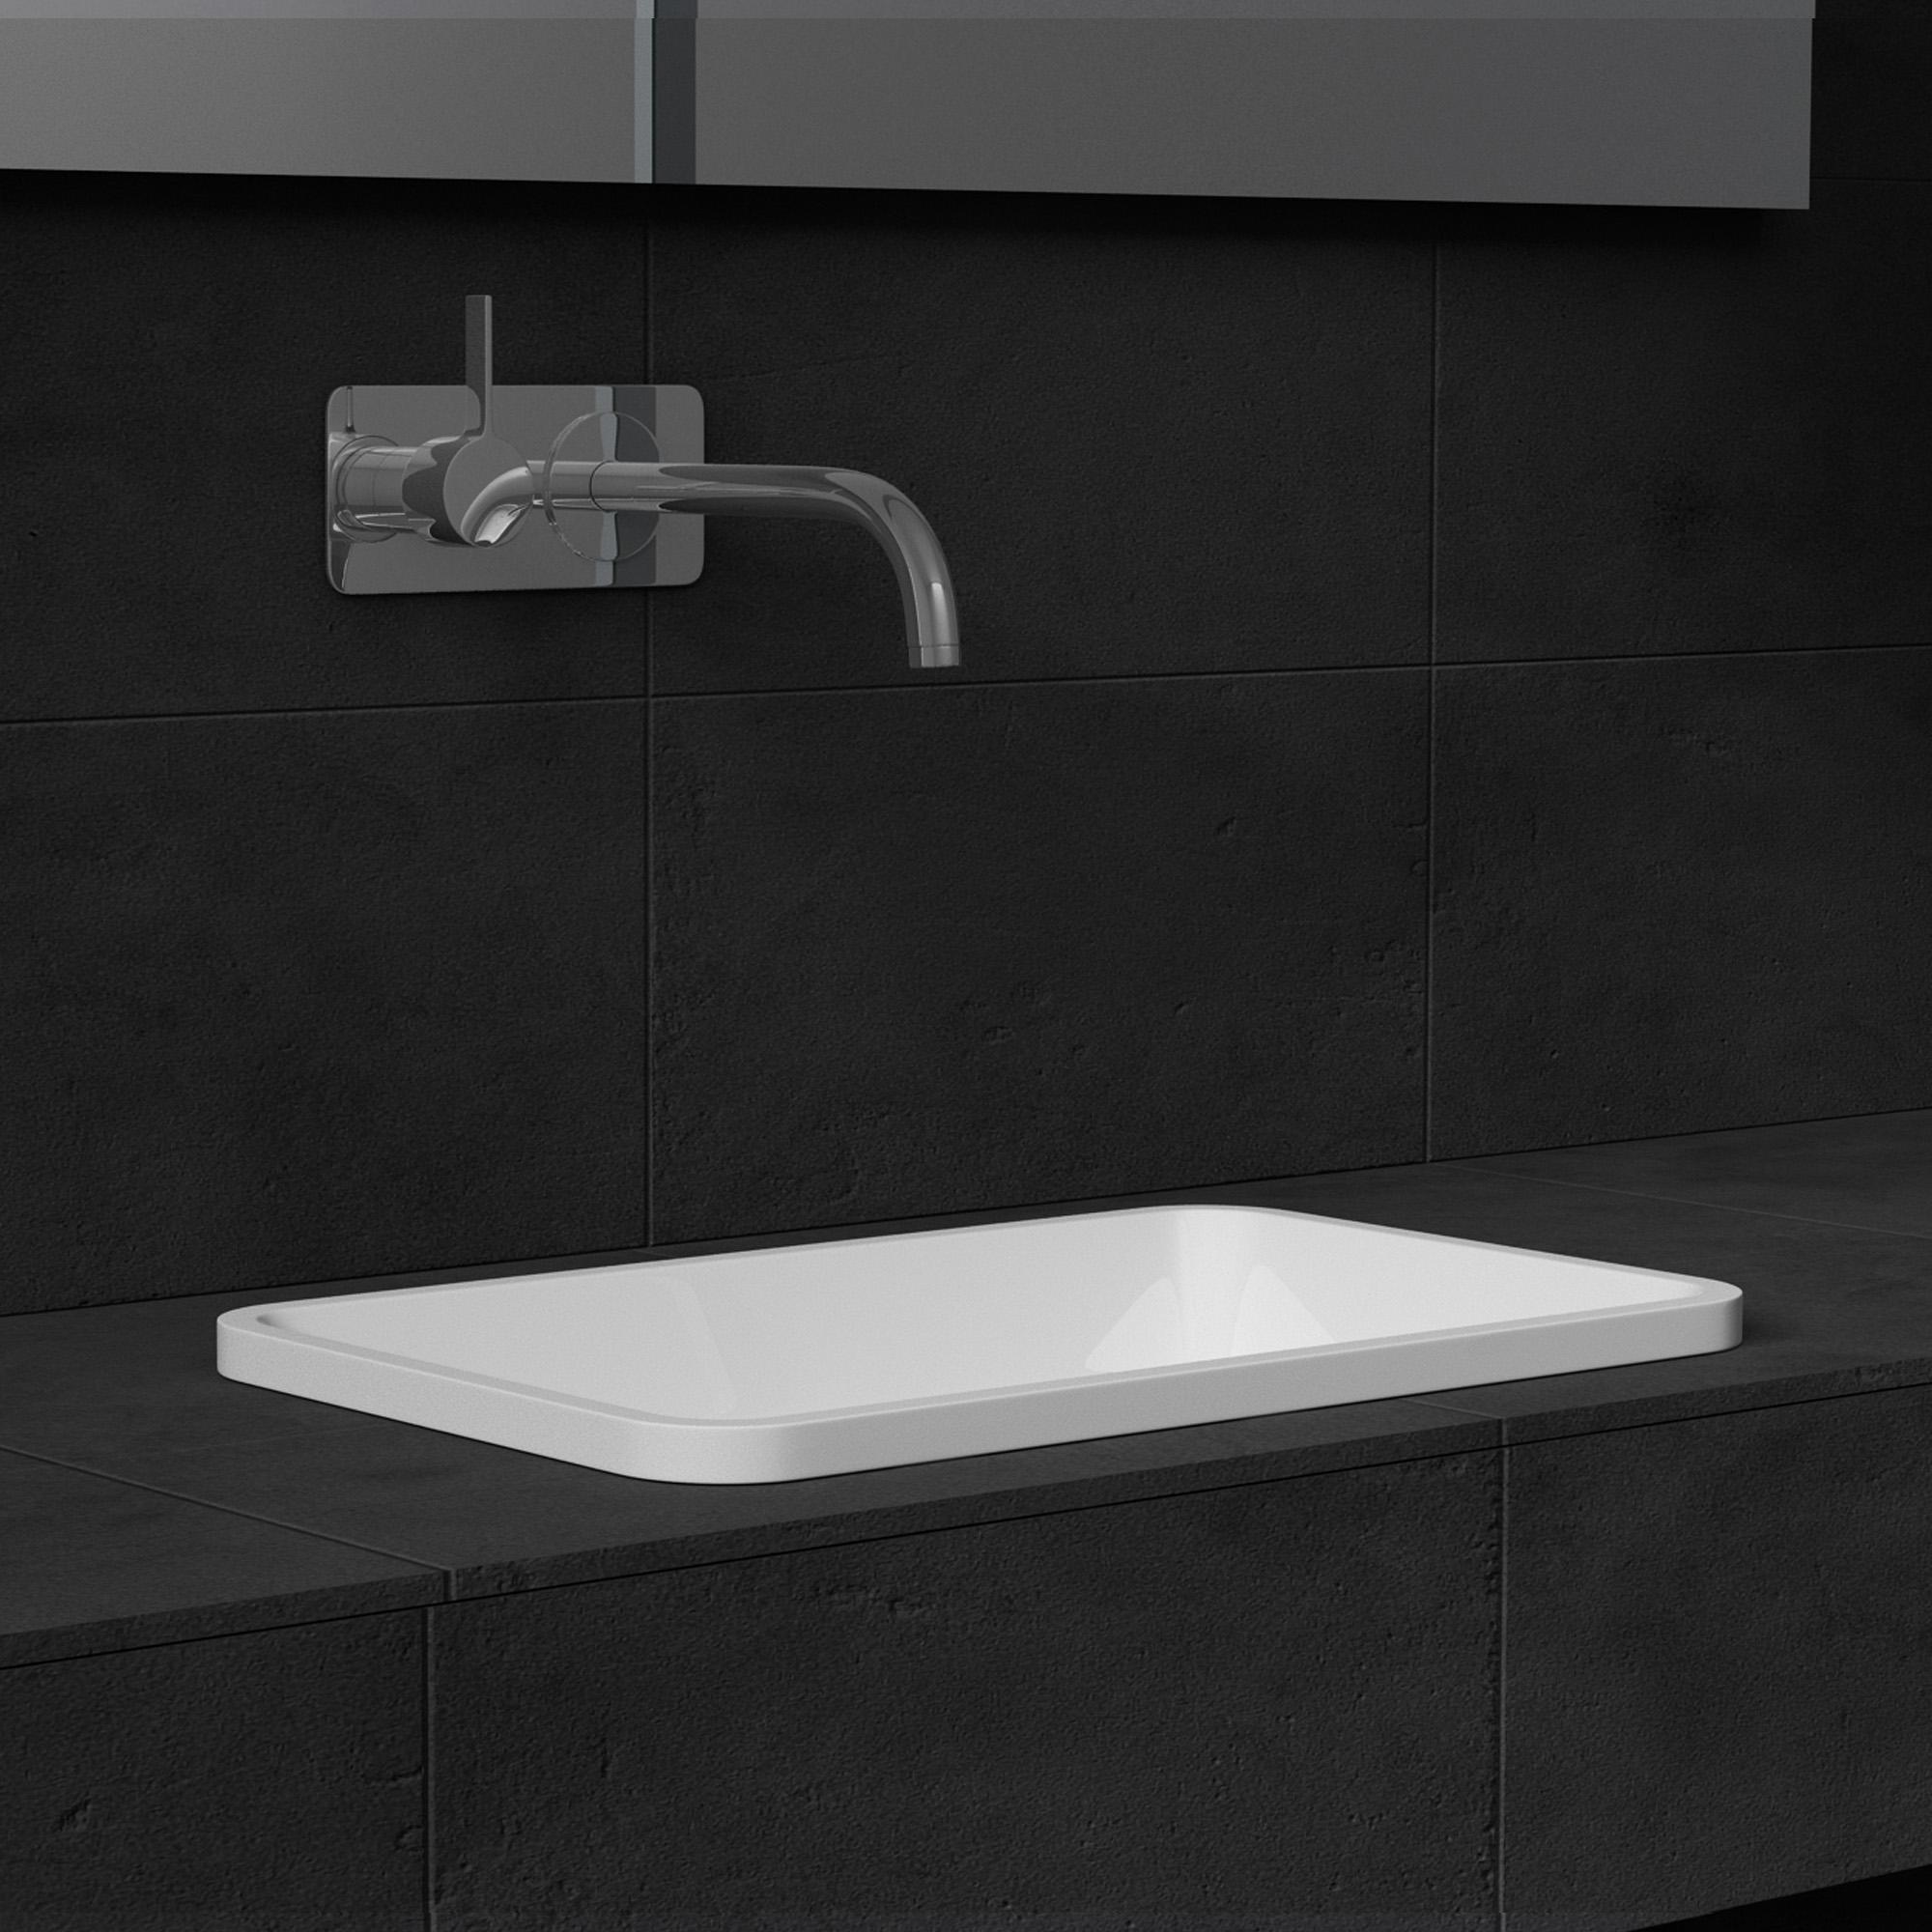 mineralguss weiss gl nzend waschbecken einbauwaschbecken waschtisch gussmarmor ebay. Black Bedroom Furniture Sets. Home Design Ideas